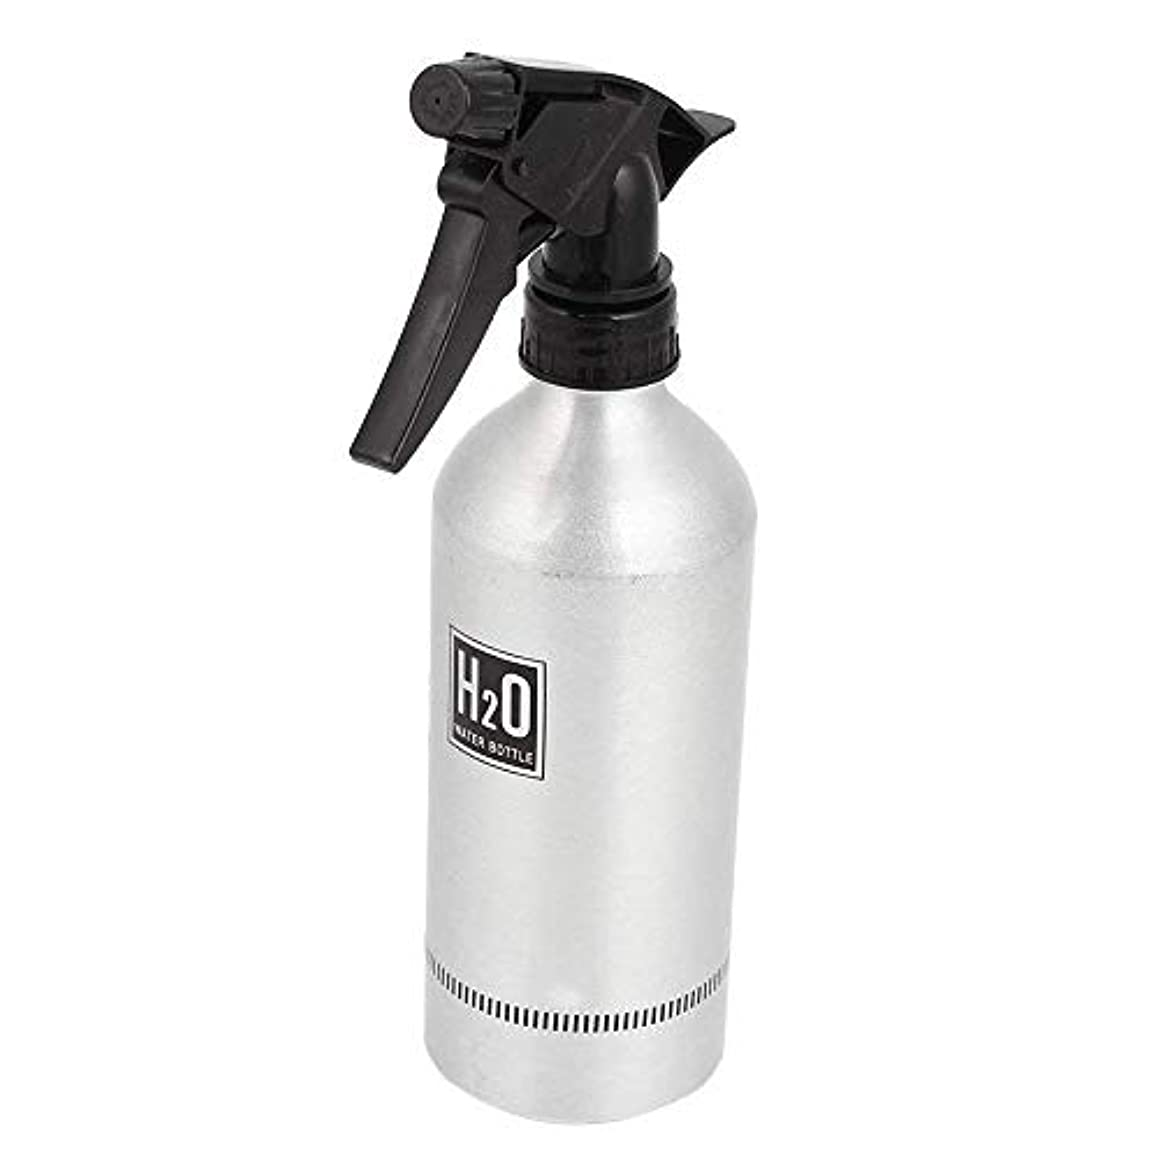 インストラクターラベルコントローラOnior アルミ スプレー缶 水髪器 スプレー スプレーボトル 美容ツール サロン 理髪師 美容師 清潔 クリーニング 500ミリリットル